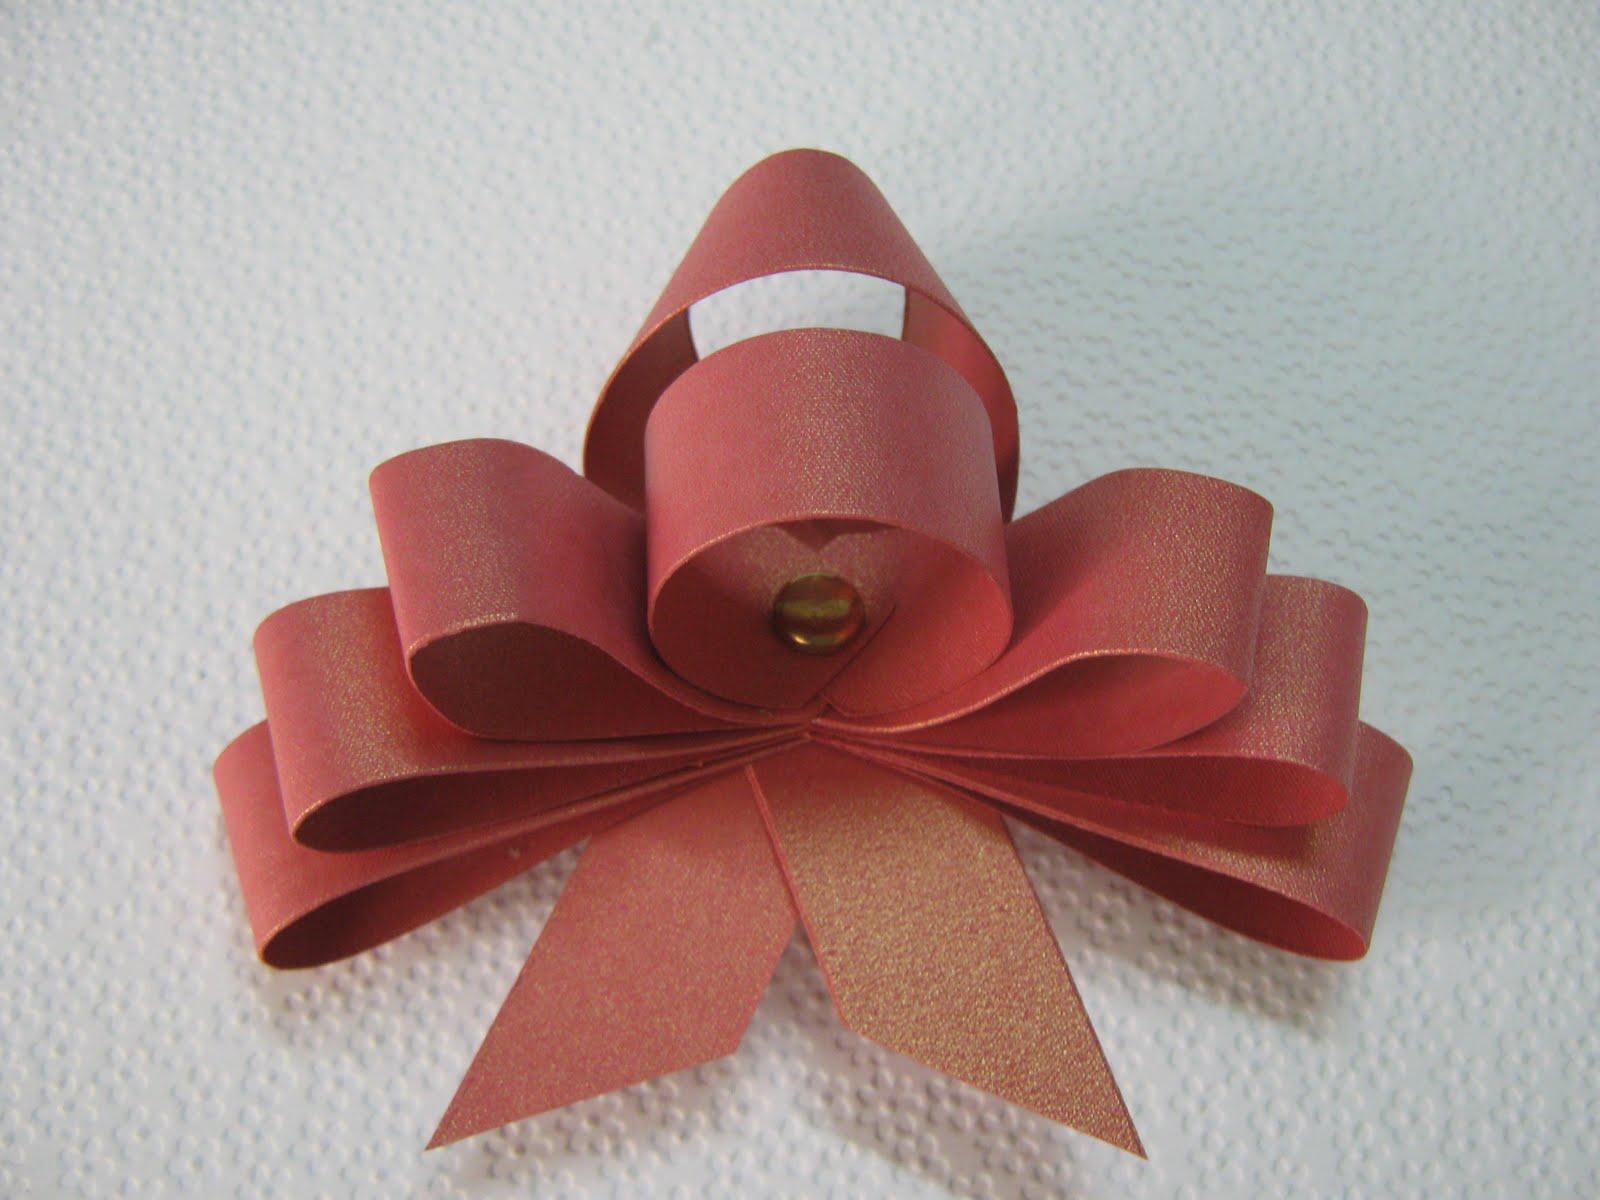 puedes dar un poco de movimento curvando las tres gazas que colocaste de primero y listo tienes un bonito lazo para decorar algn regalo en esta navidad